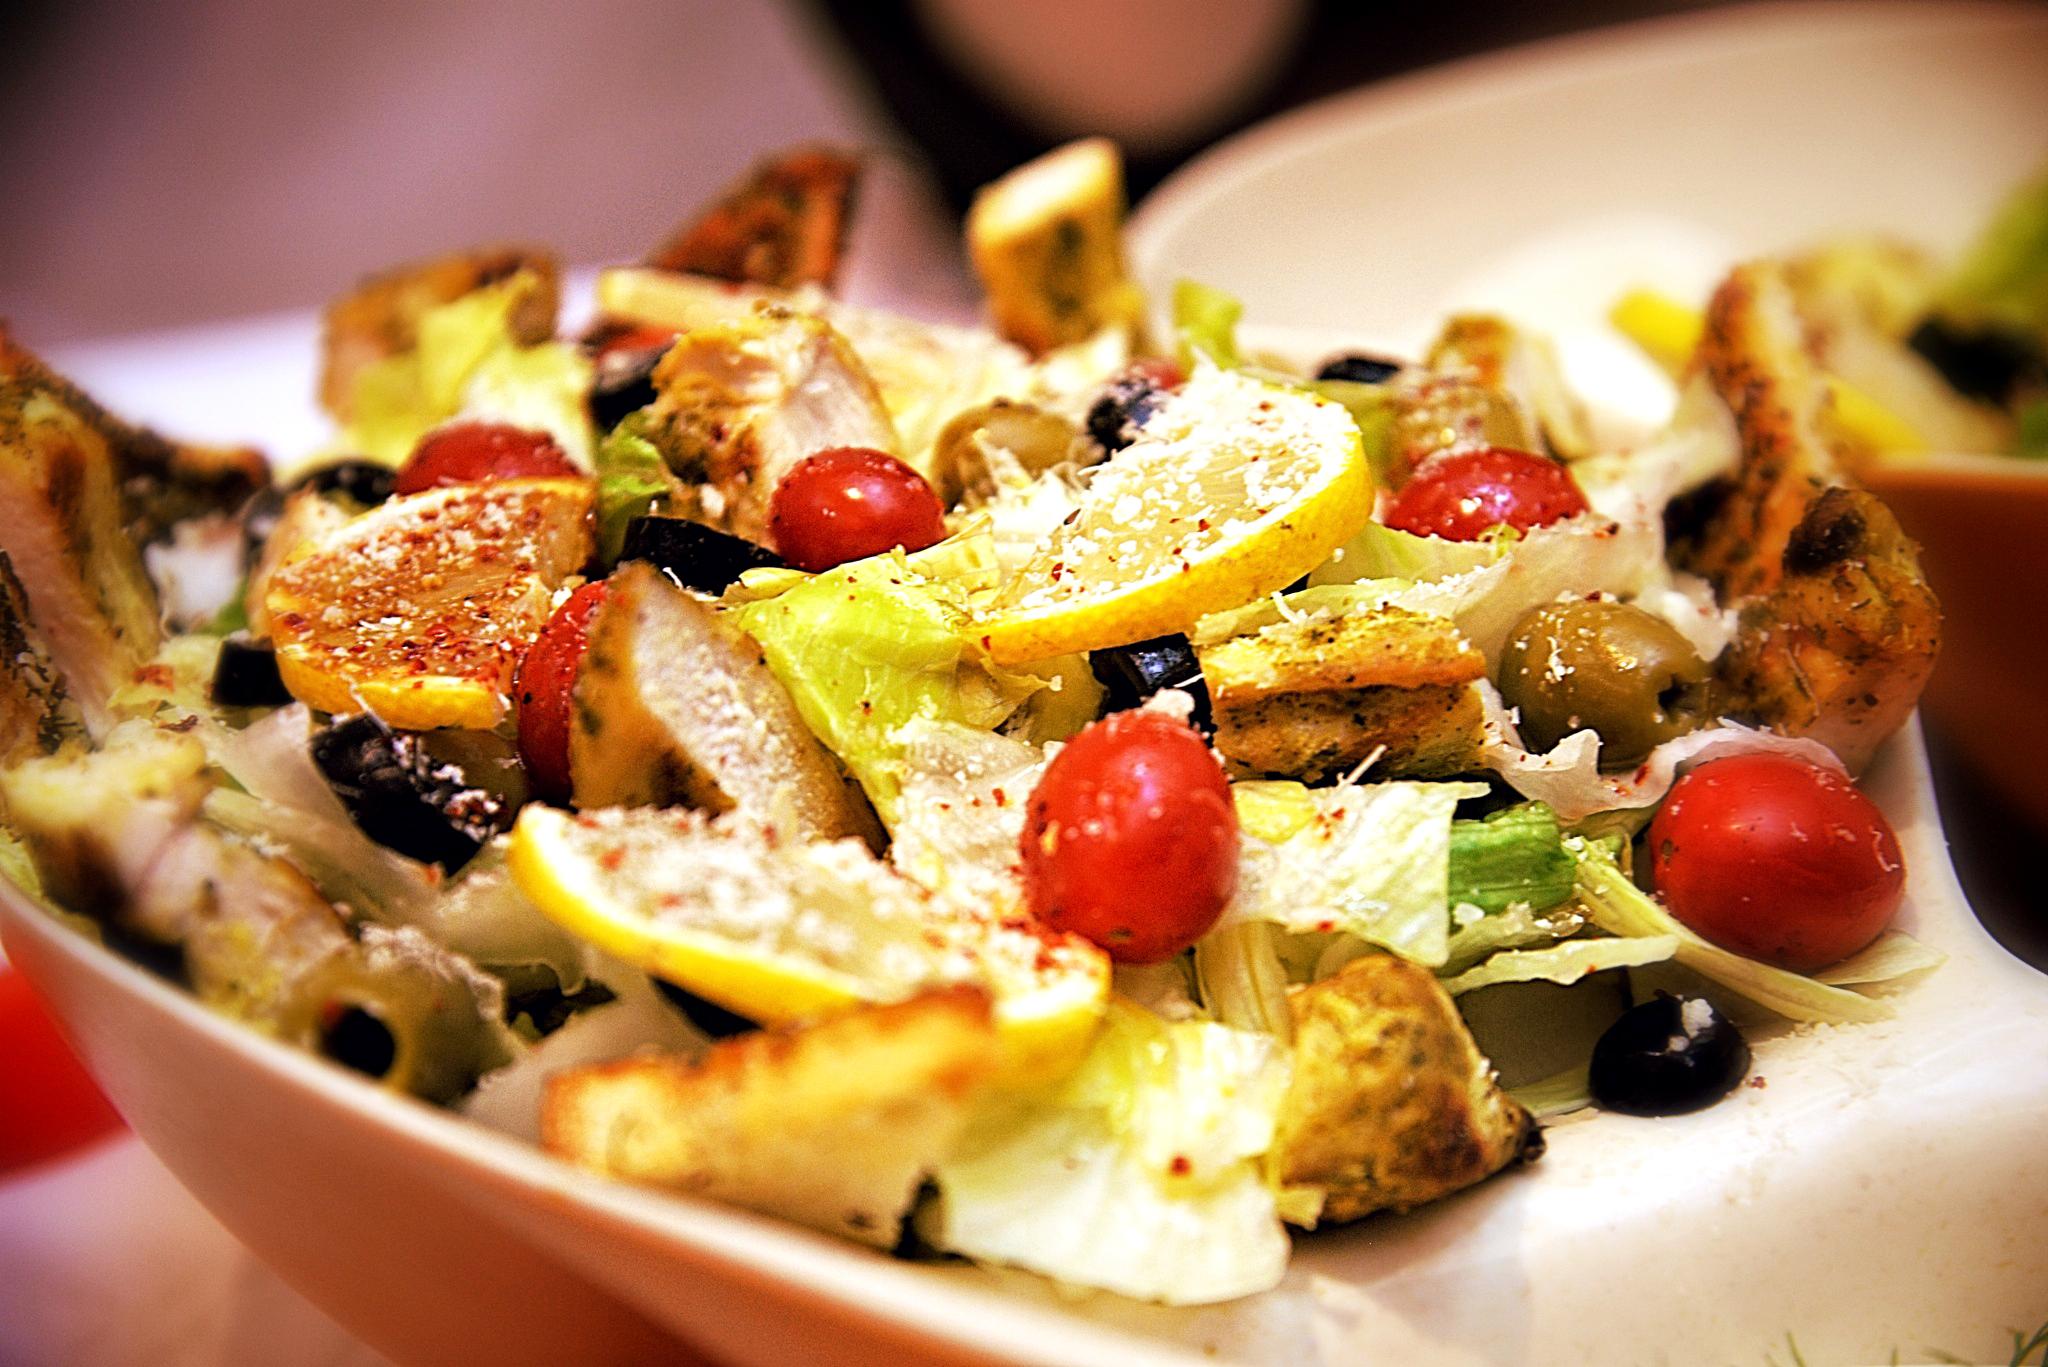 Fotos Gratis Plato Cocina Ingrediente Produce